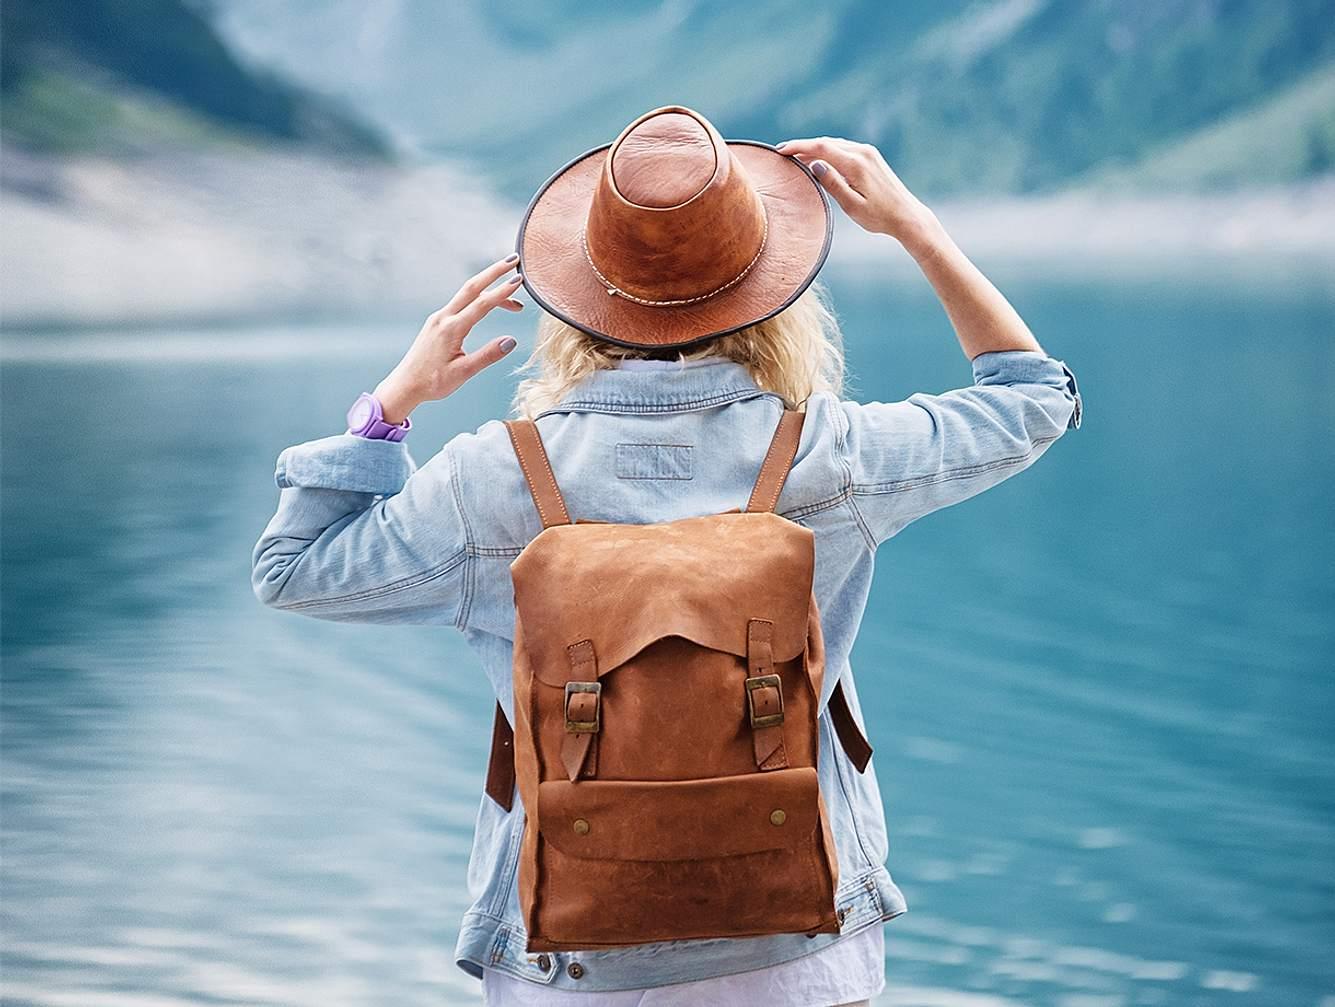 Frau trägt nachhaltigen Rucksack.